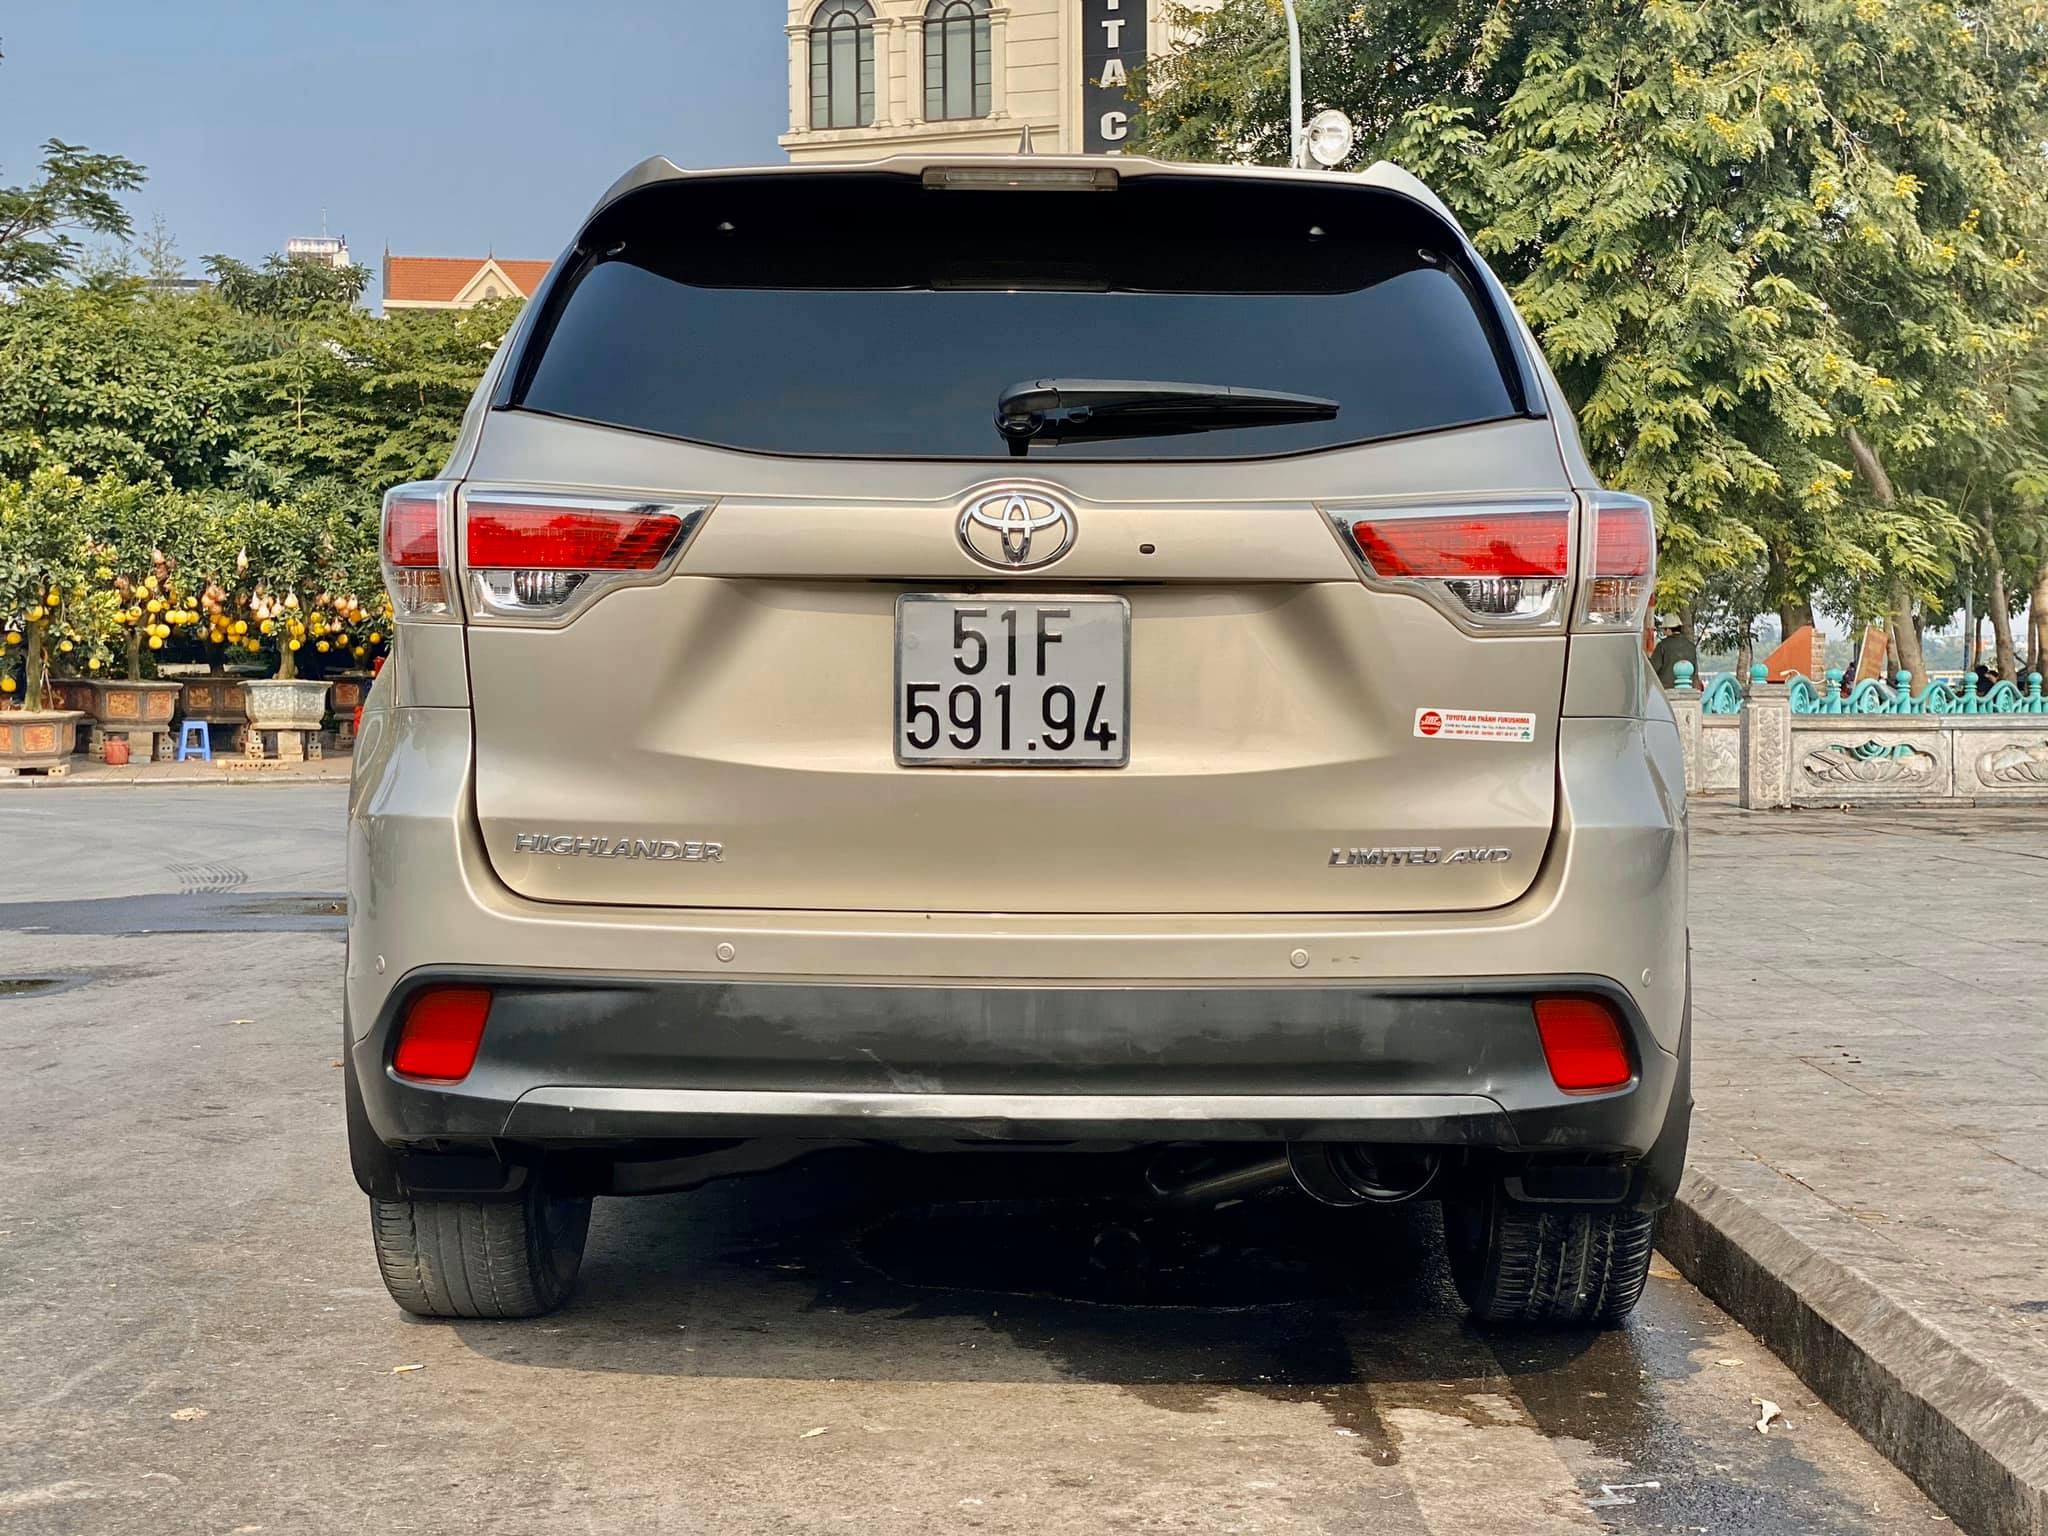 Toyota Highlander Limited 2015, 6 chỗ ngồi hàng hiếm tại Việt Nam - 2